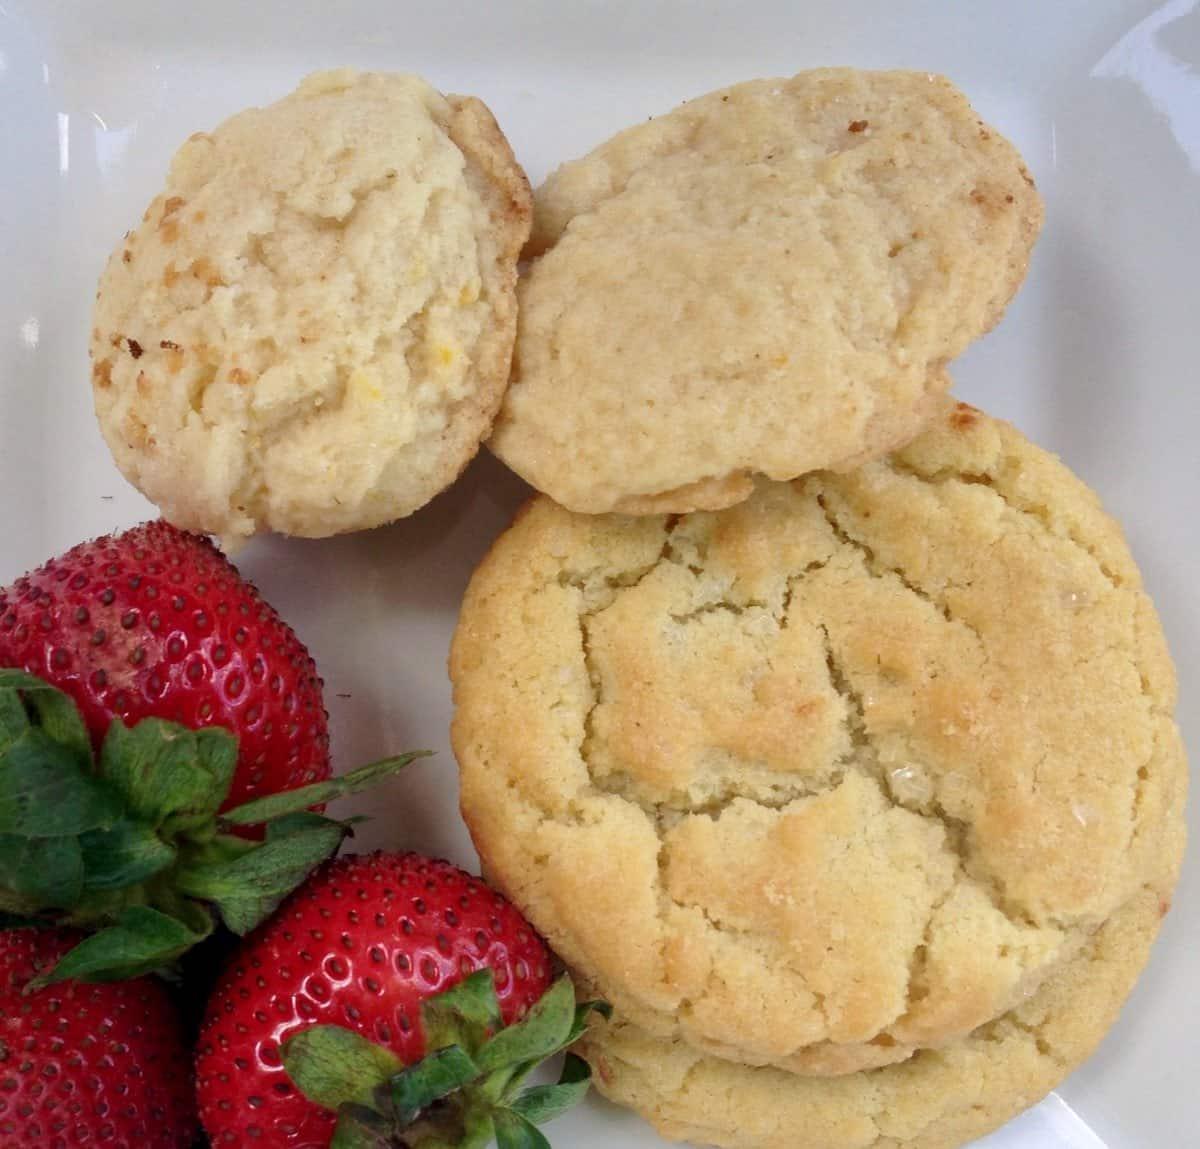 lemon cookies and strawberries